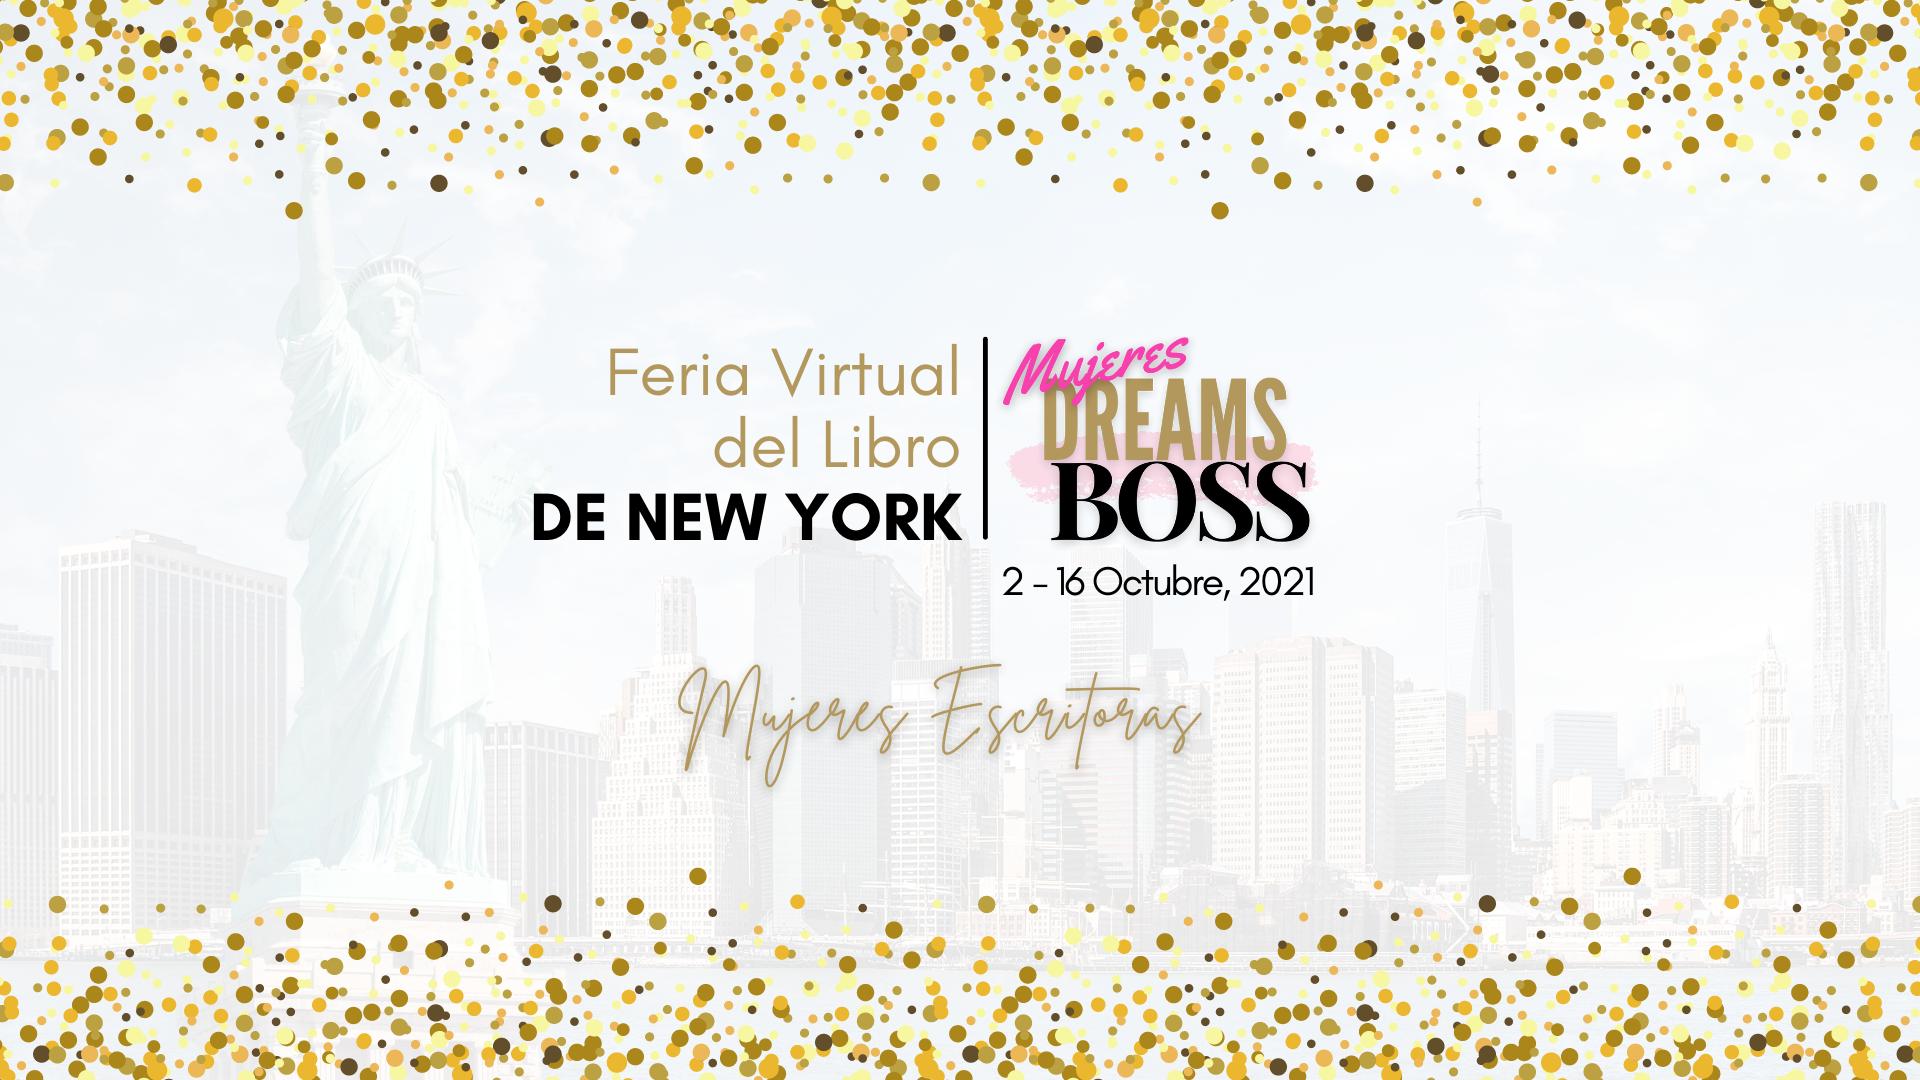 Feria del Libro de Barcelona Mujeres Dreams Boss